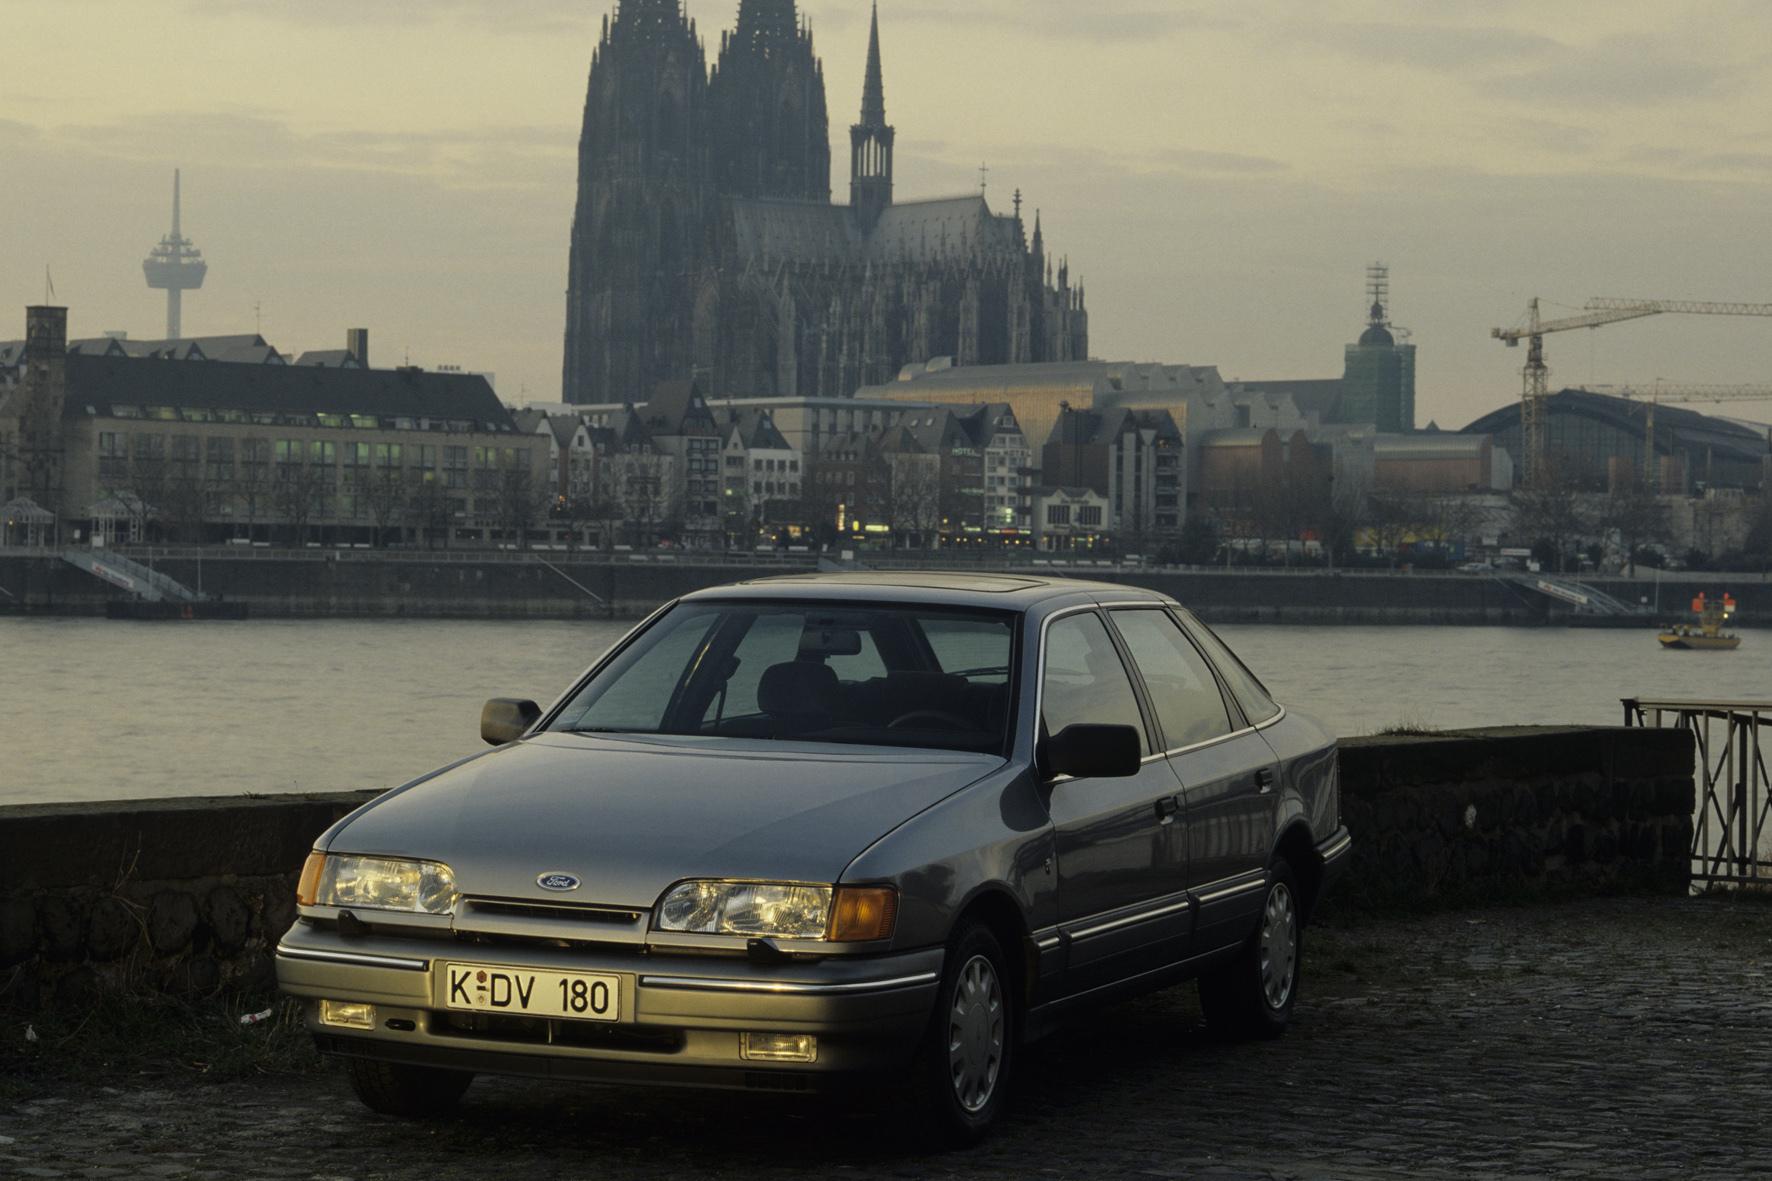 mid Düsseldorf - Trendsetter aus Köln: Mit der Einführung des Scorpio macht Ford 1985 zwei bedeutende technische Neuerungen fit für den Massenmarkt: das elektronische ABS und beheizbare Frontscheibe.